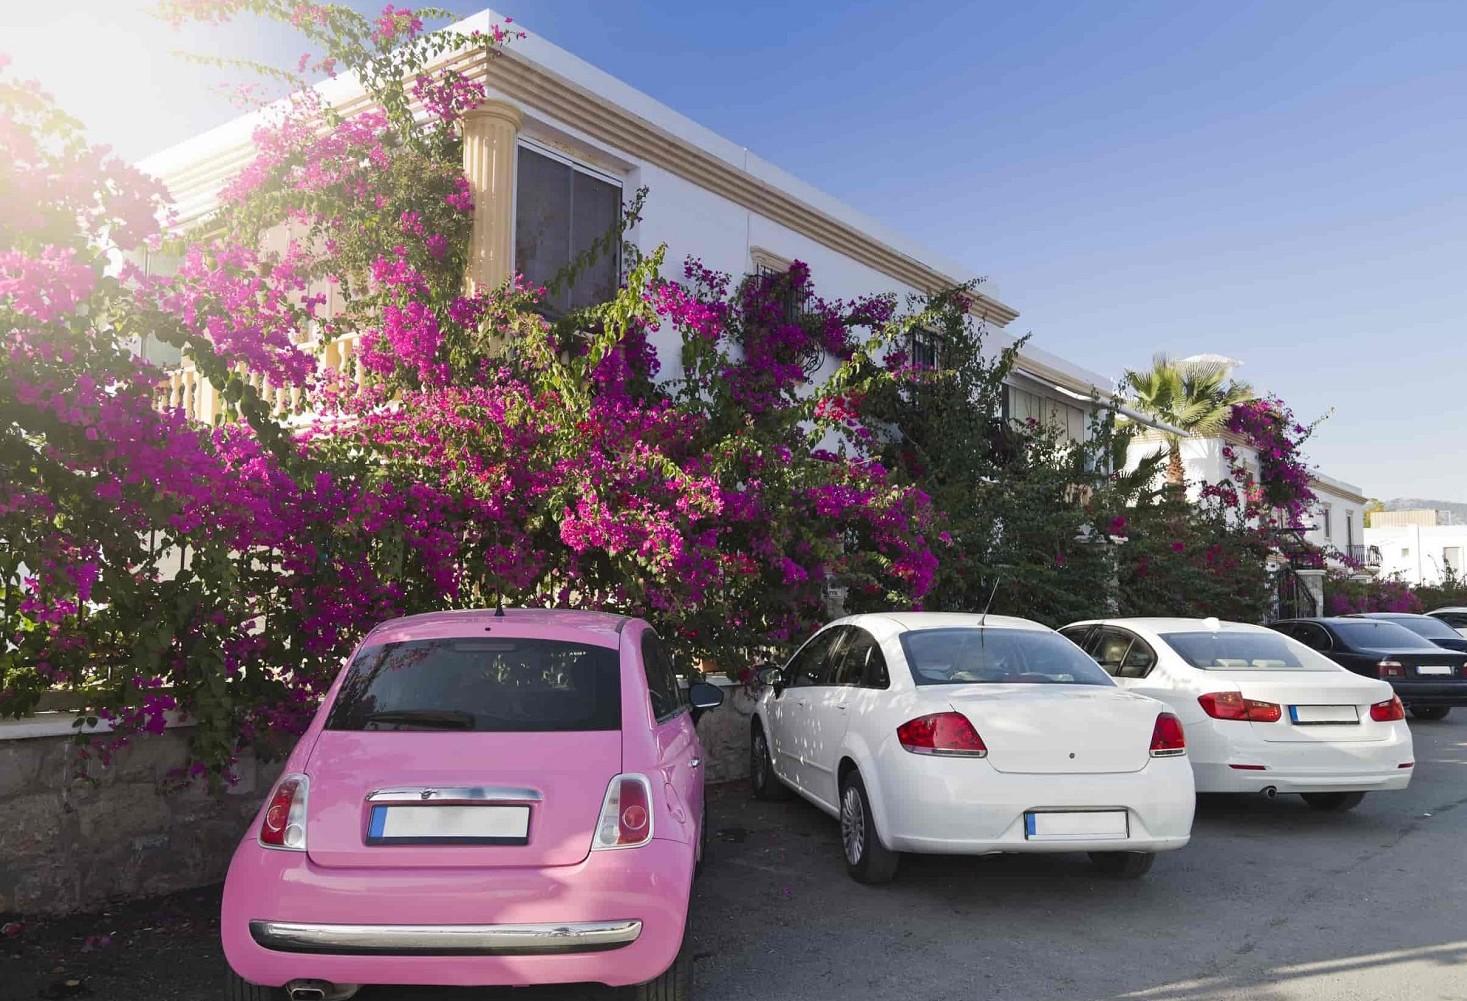 Parcheggio condominio, le regole e leggi in vigore sul posto auto